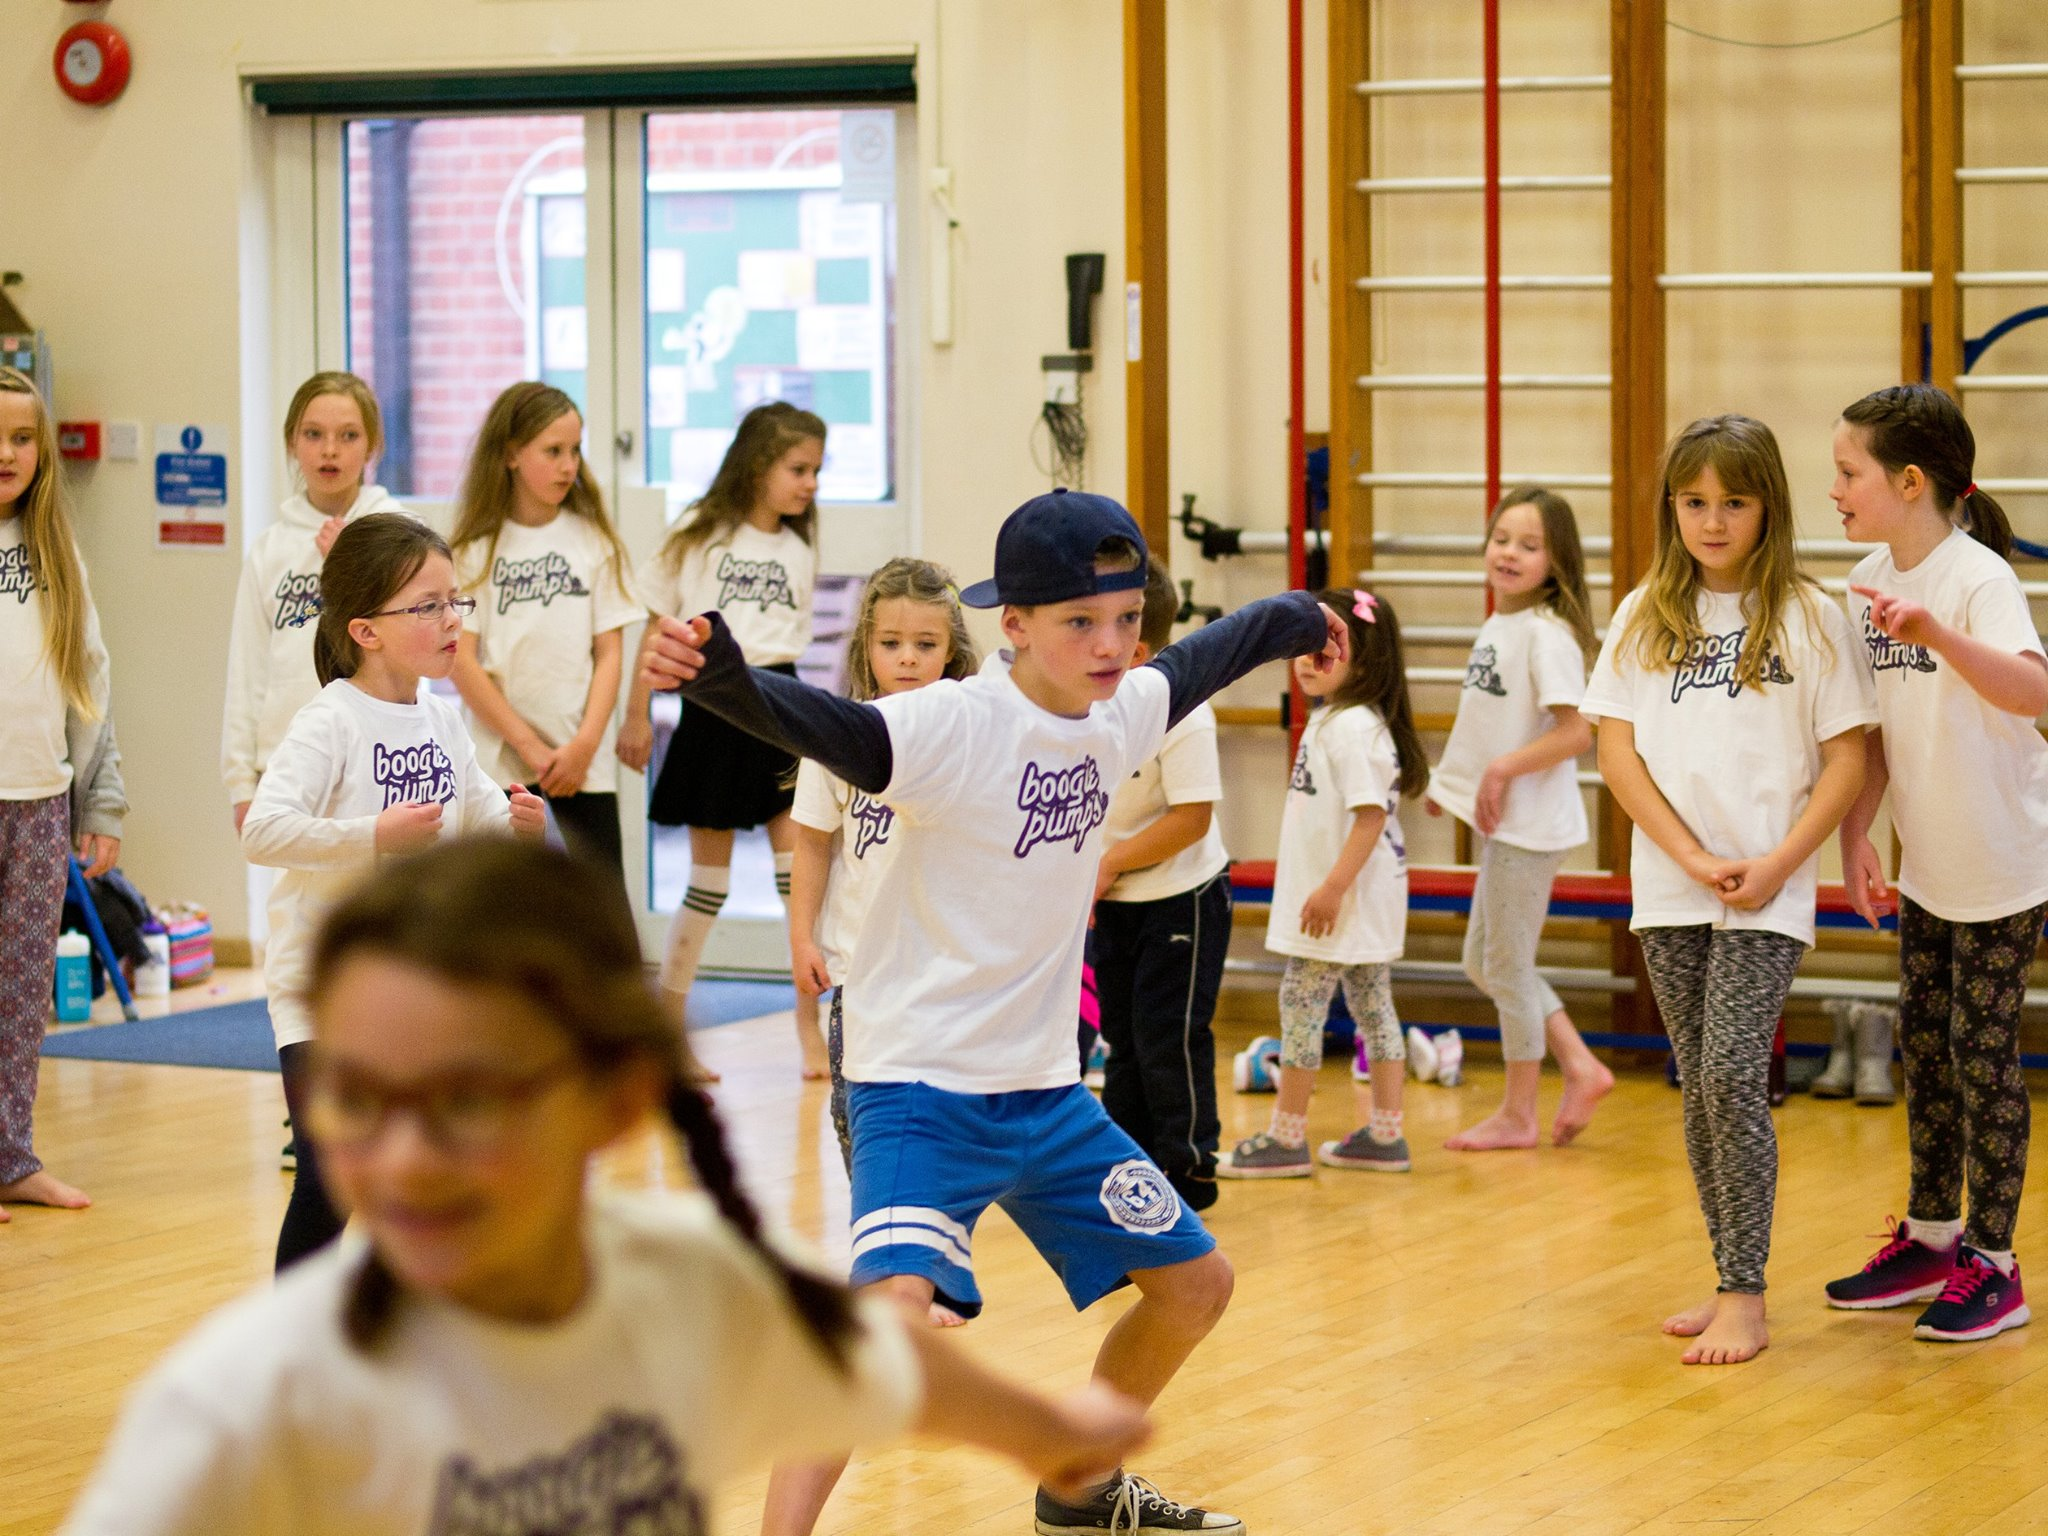 Boys and girls enjoying a boogie pumps Fleet street dance class